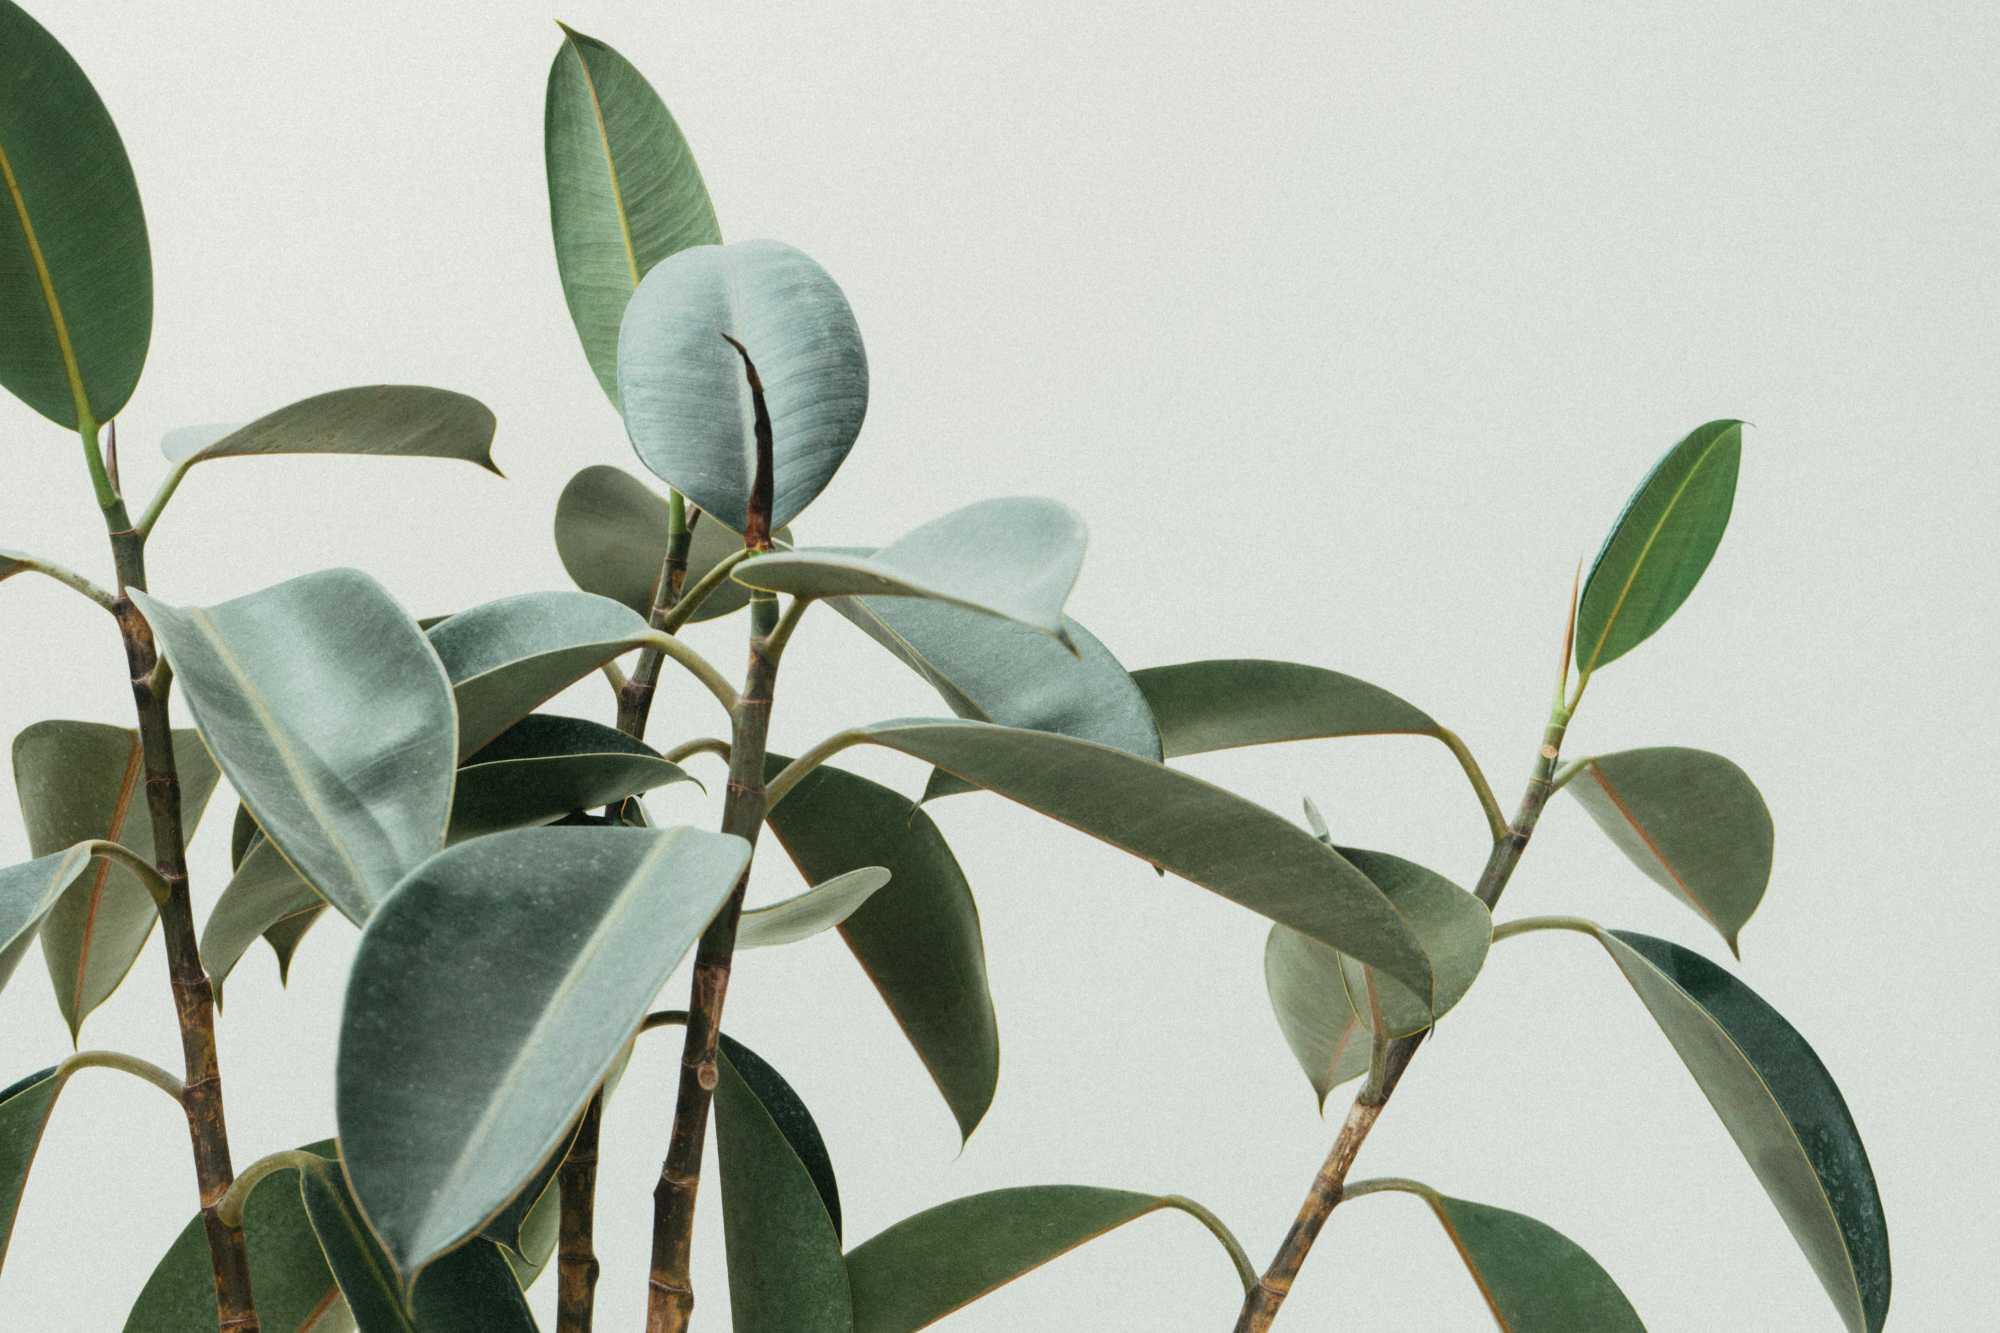 plant-leafs